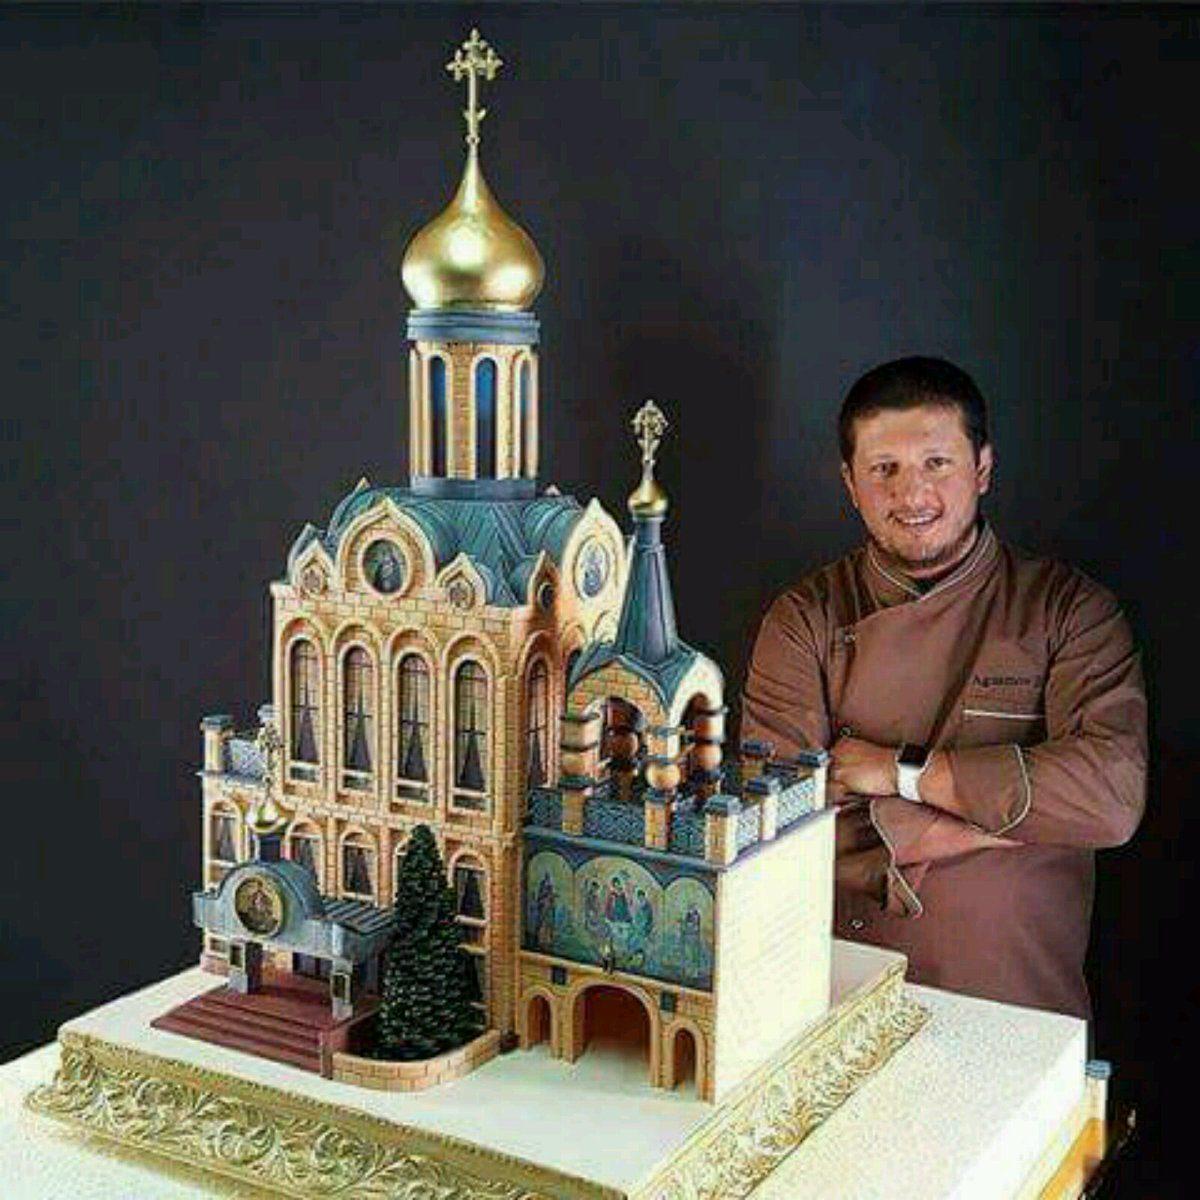 В России из правозащитных комиссий исключили тех, кто поддерживал украинских политзаключенных, - адвокат Новиков - Цензор.НЕТ 9685